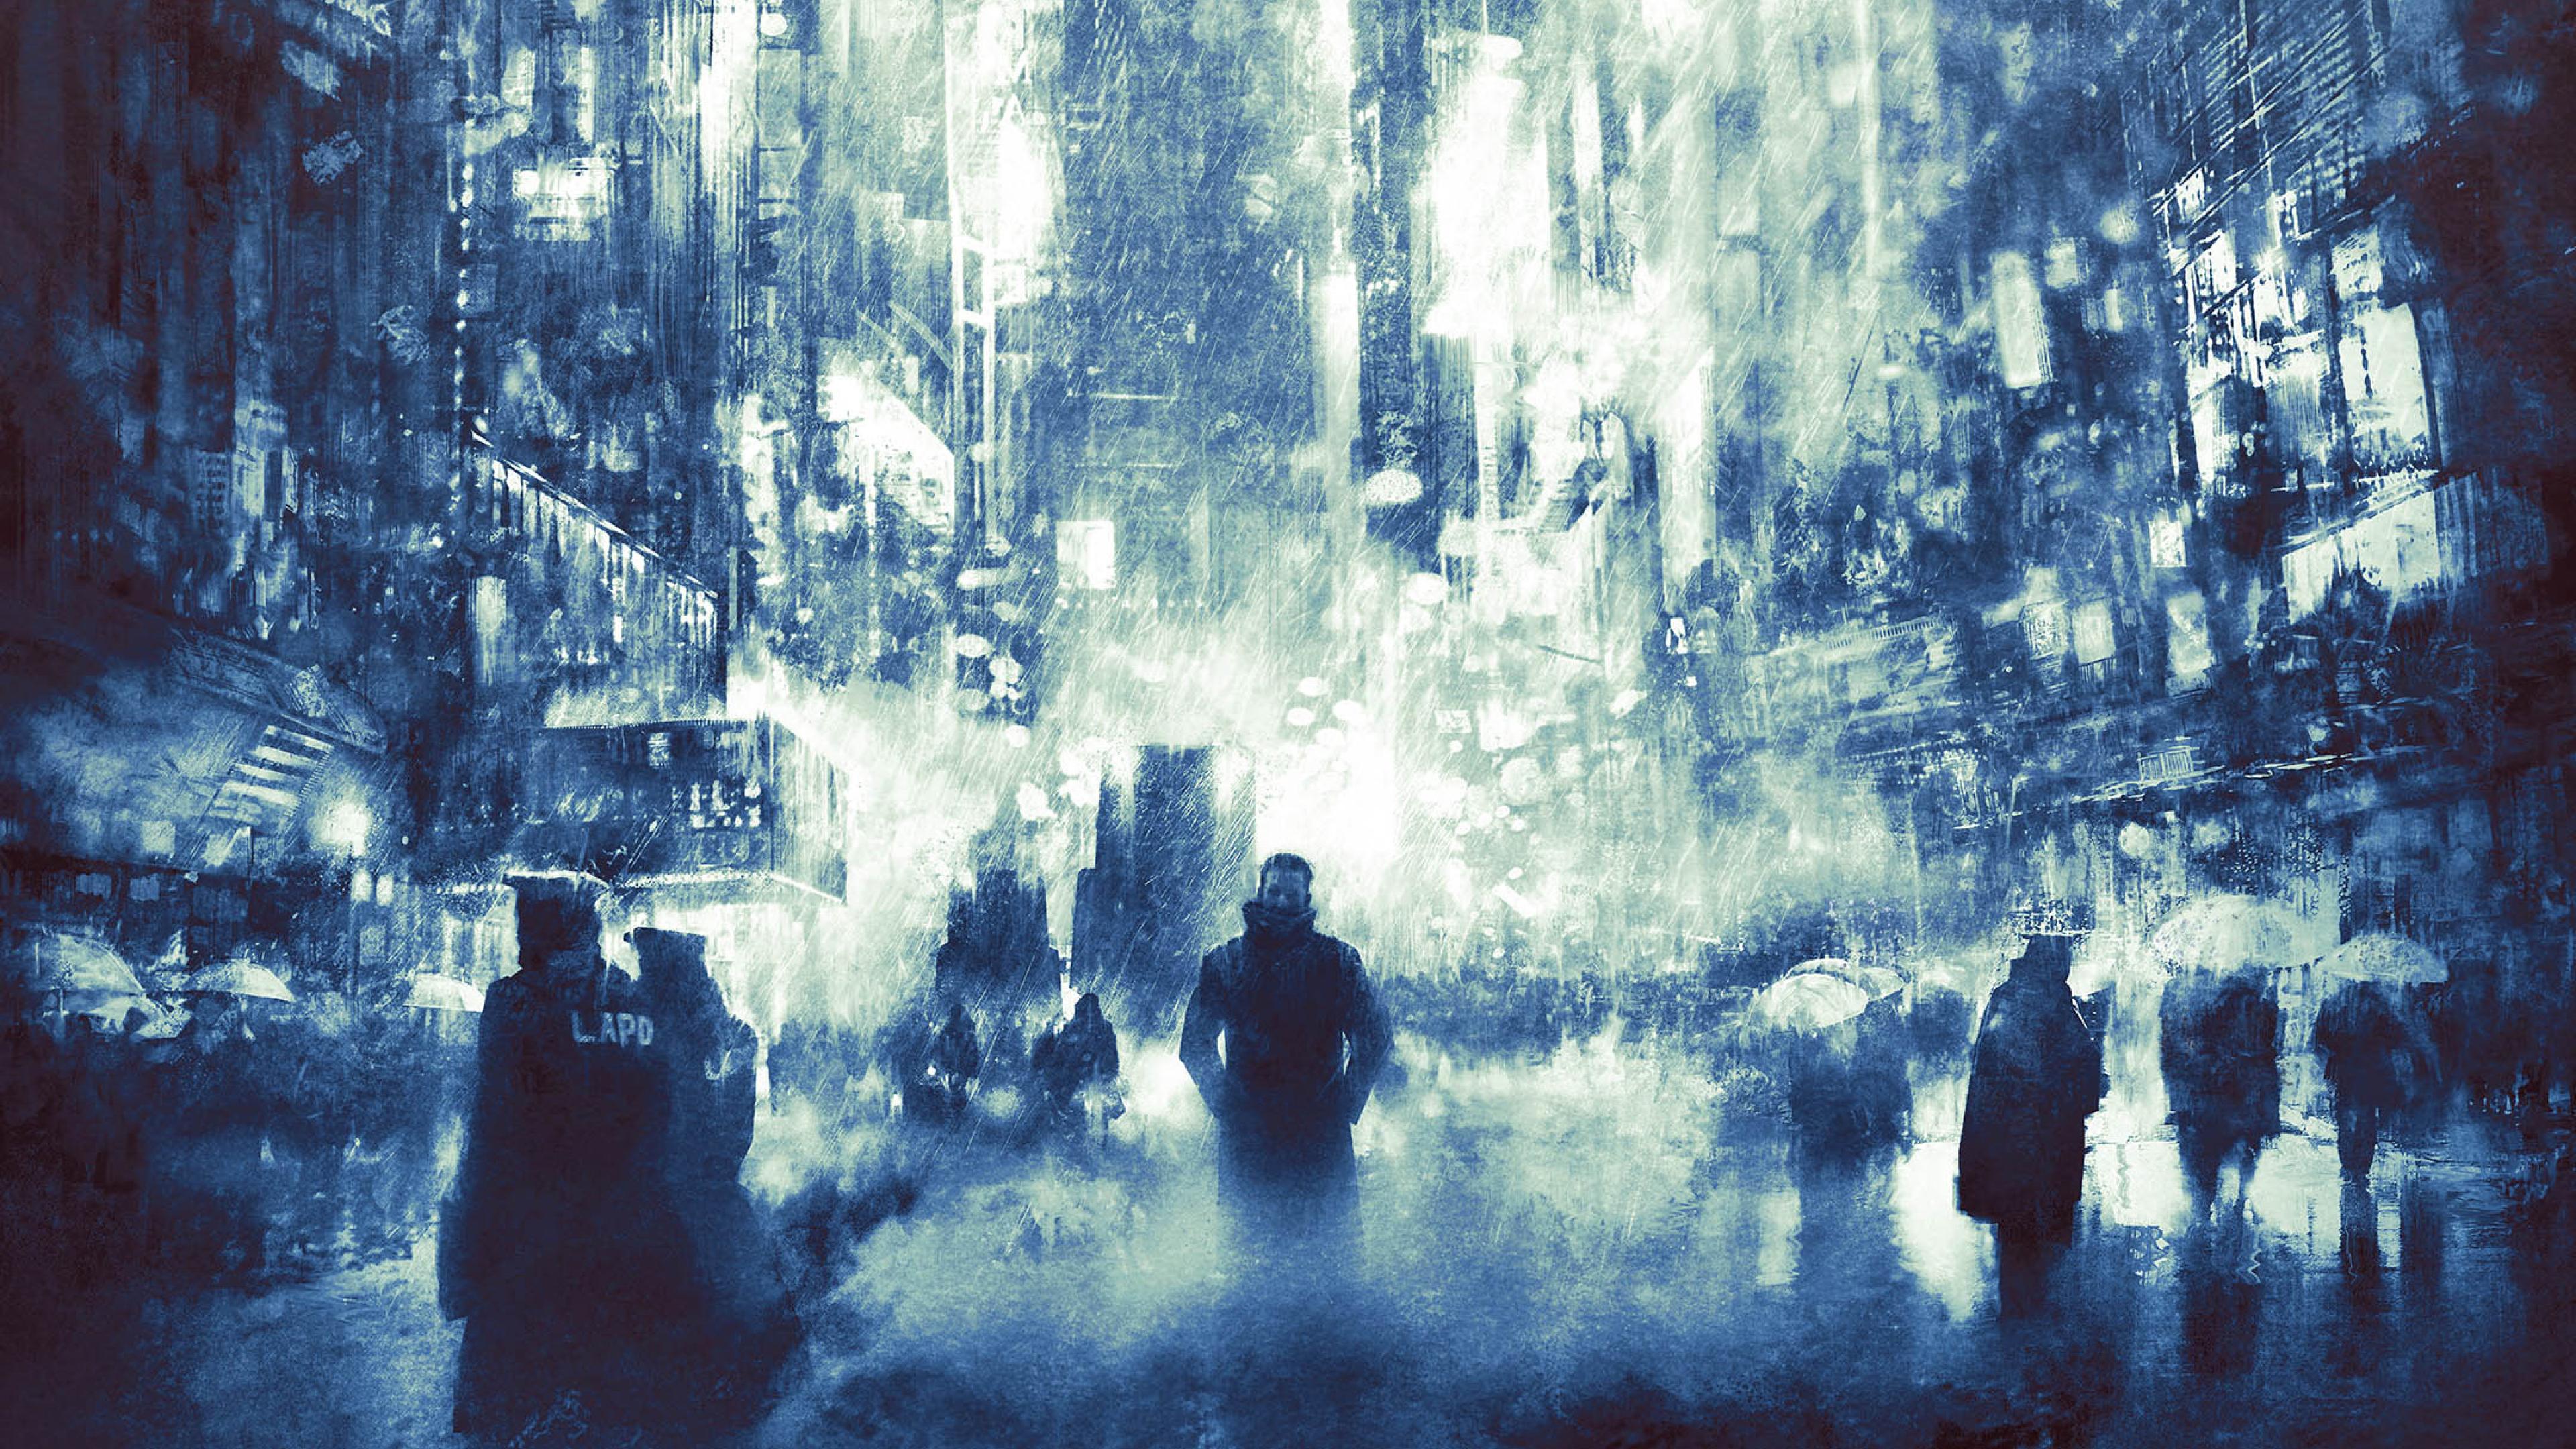 Blade Runner 2049 Art, Full HD 2K Wallpaper